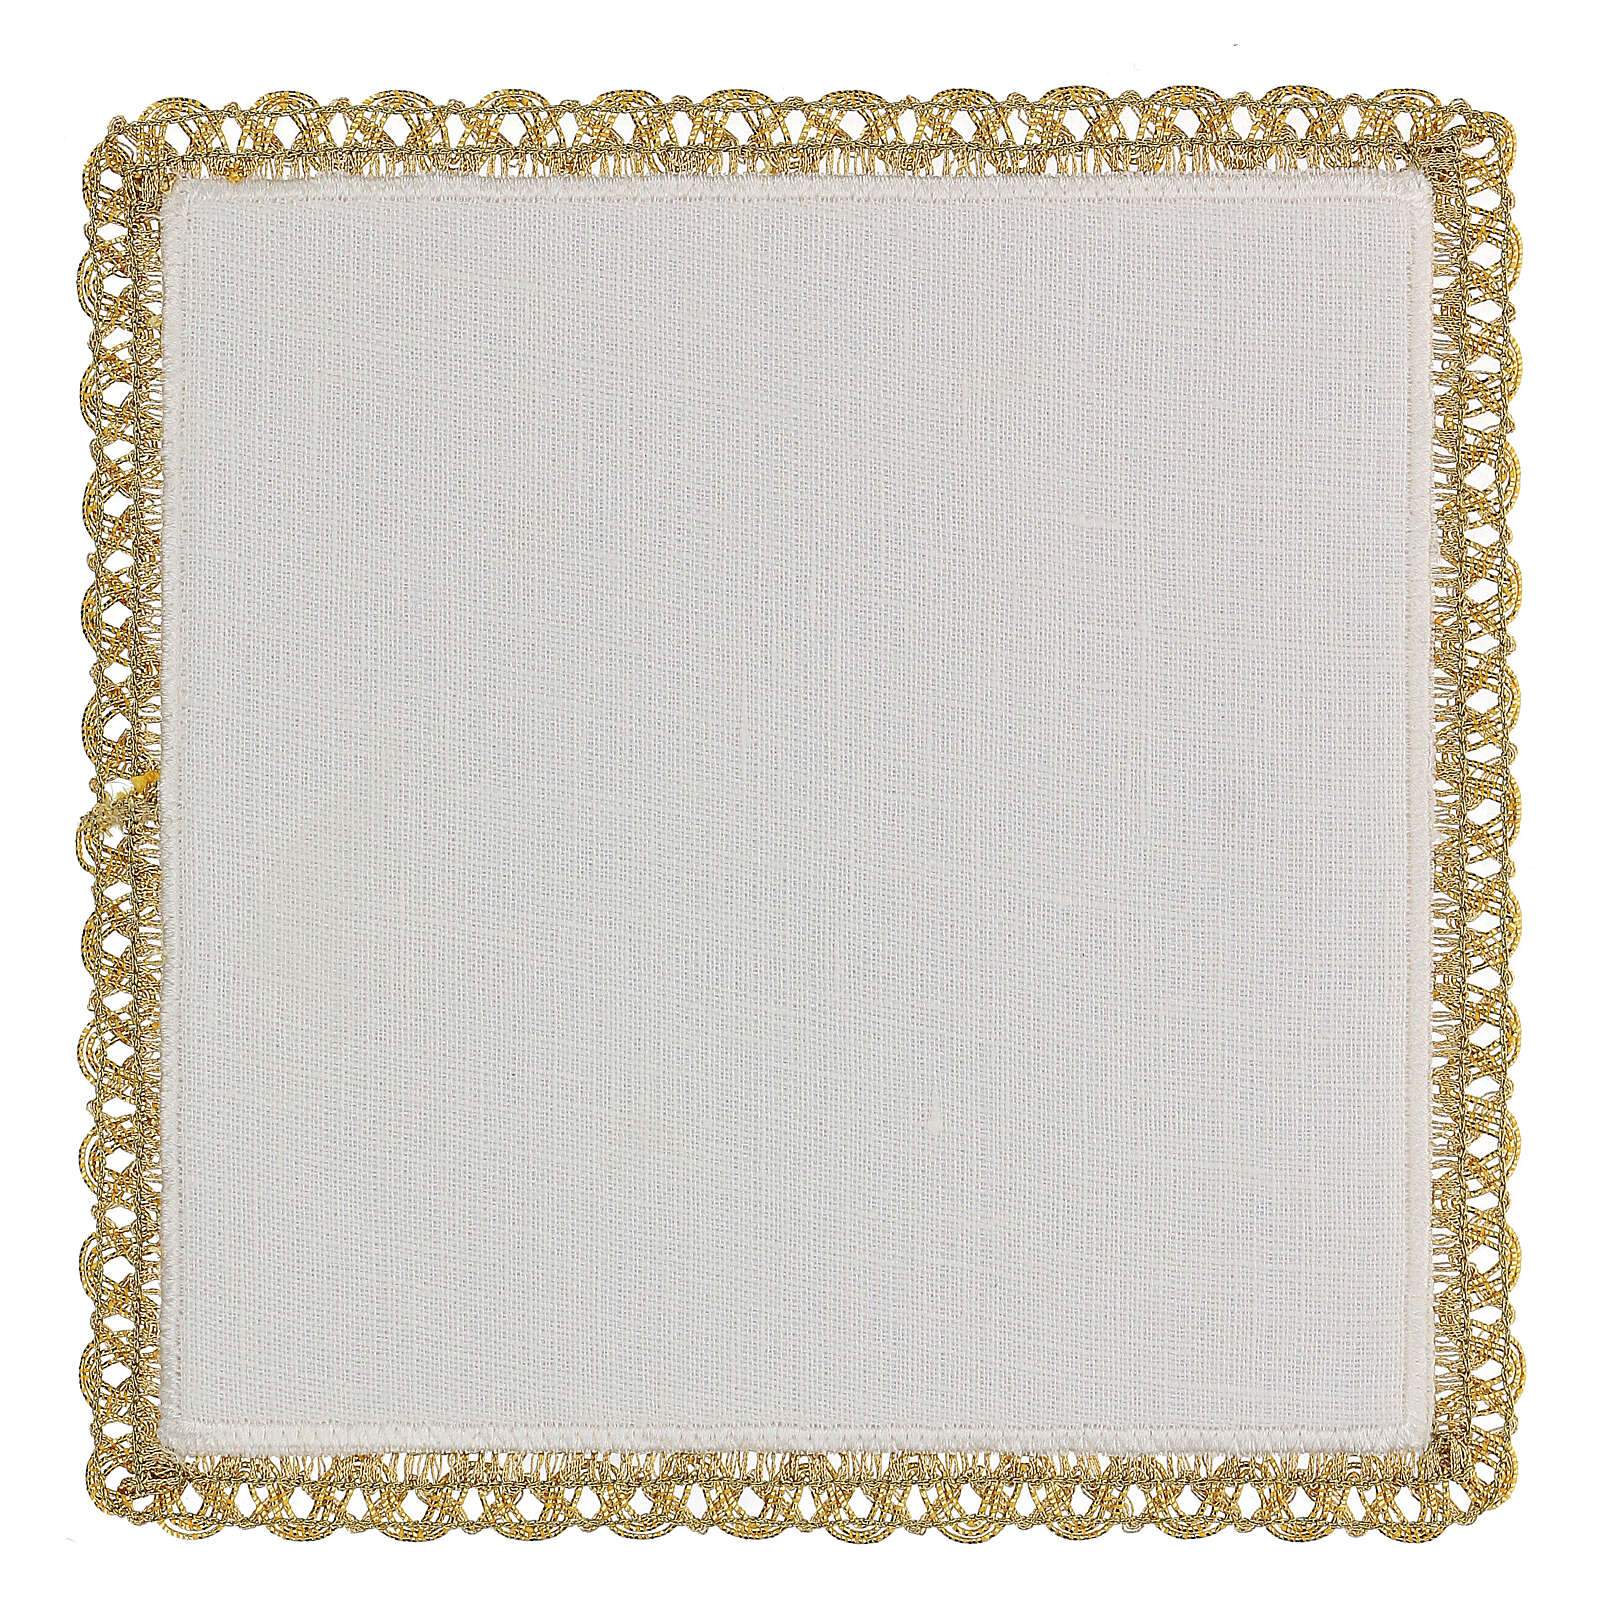 Servicio misa 4 piezas 100% HILO motivos oro rojos Limited Edition 4